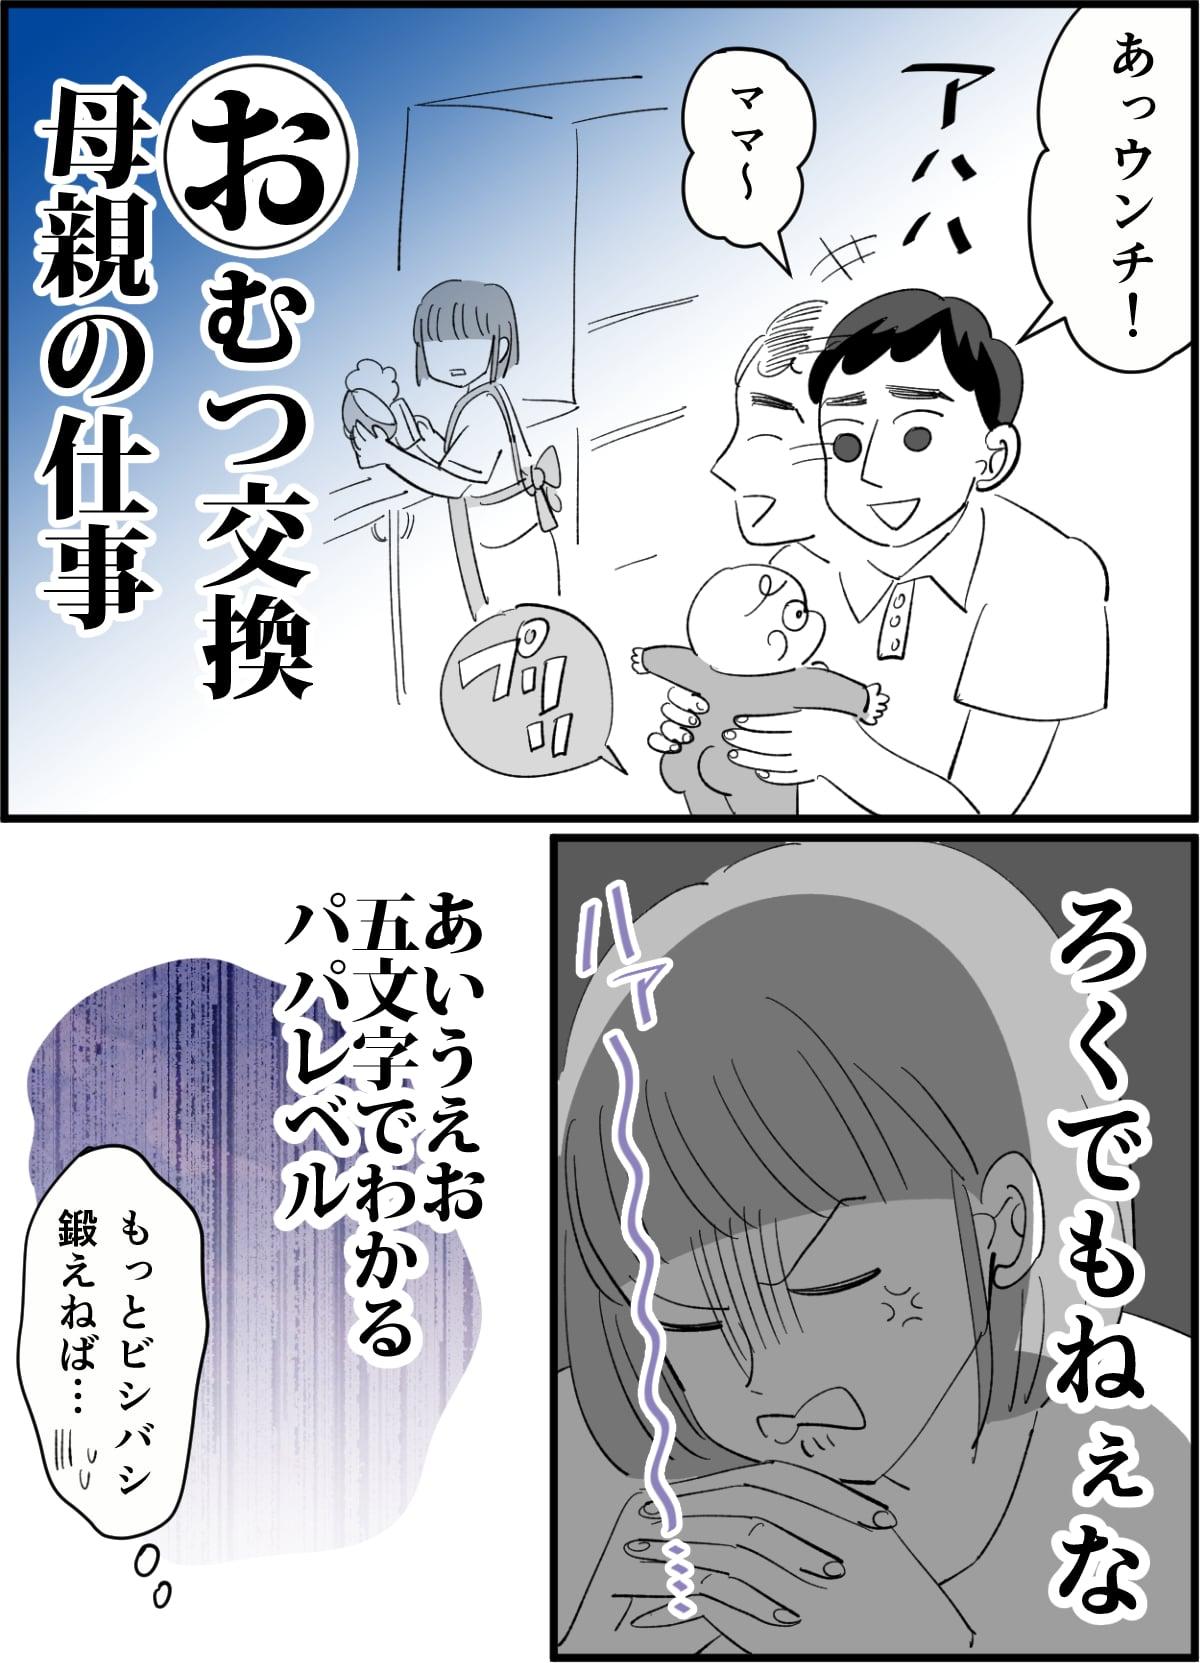 【ギリギリ旦那10】3